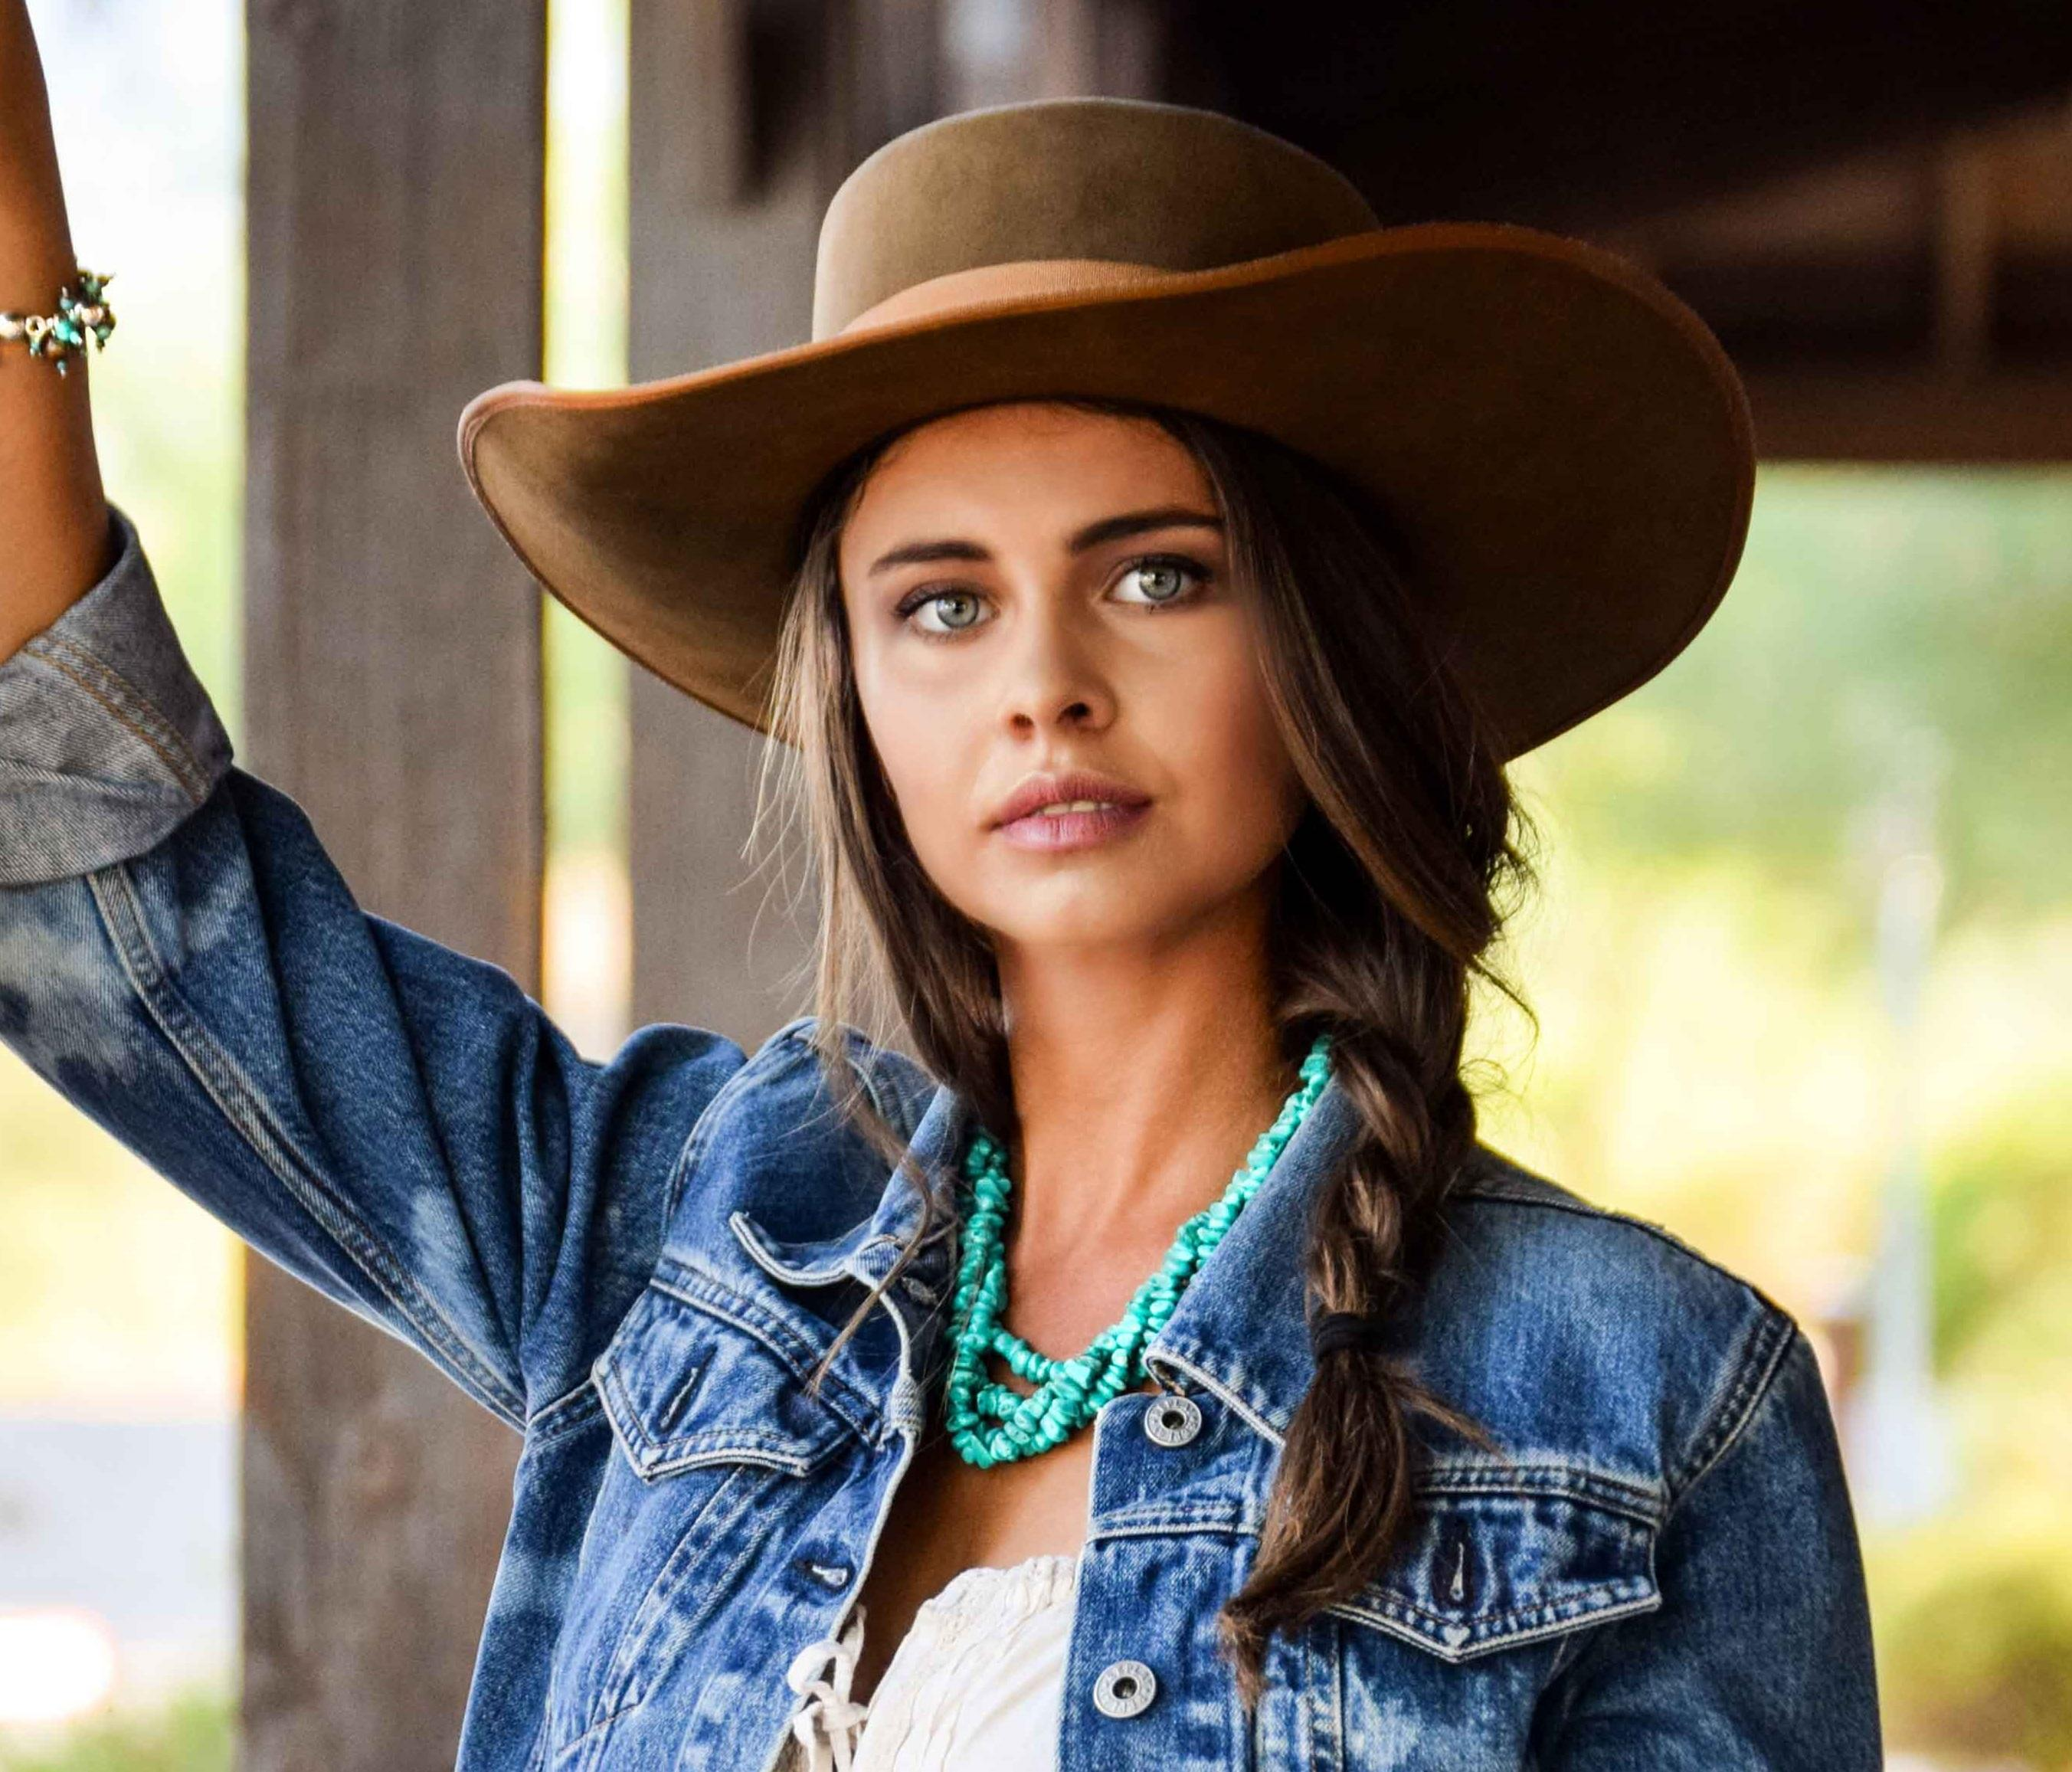 The Buckaroo Cowboy Hat